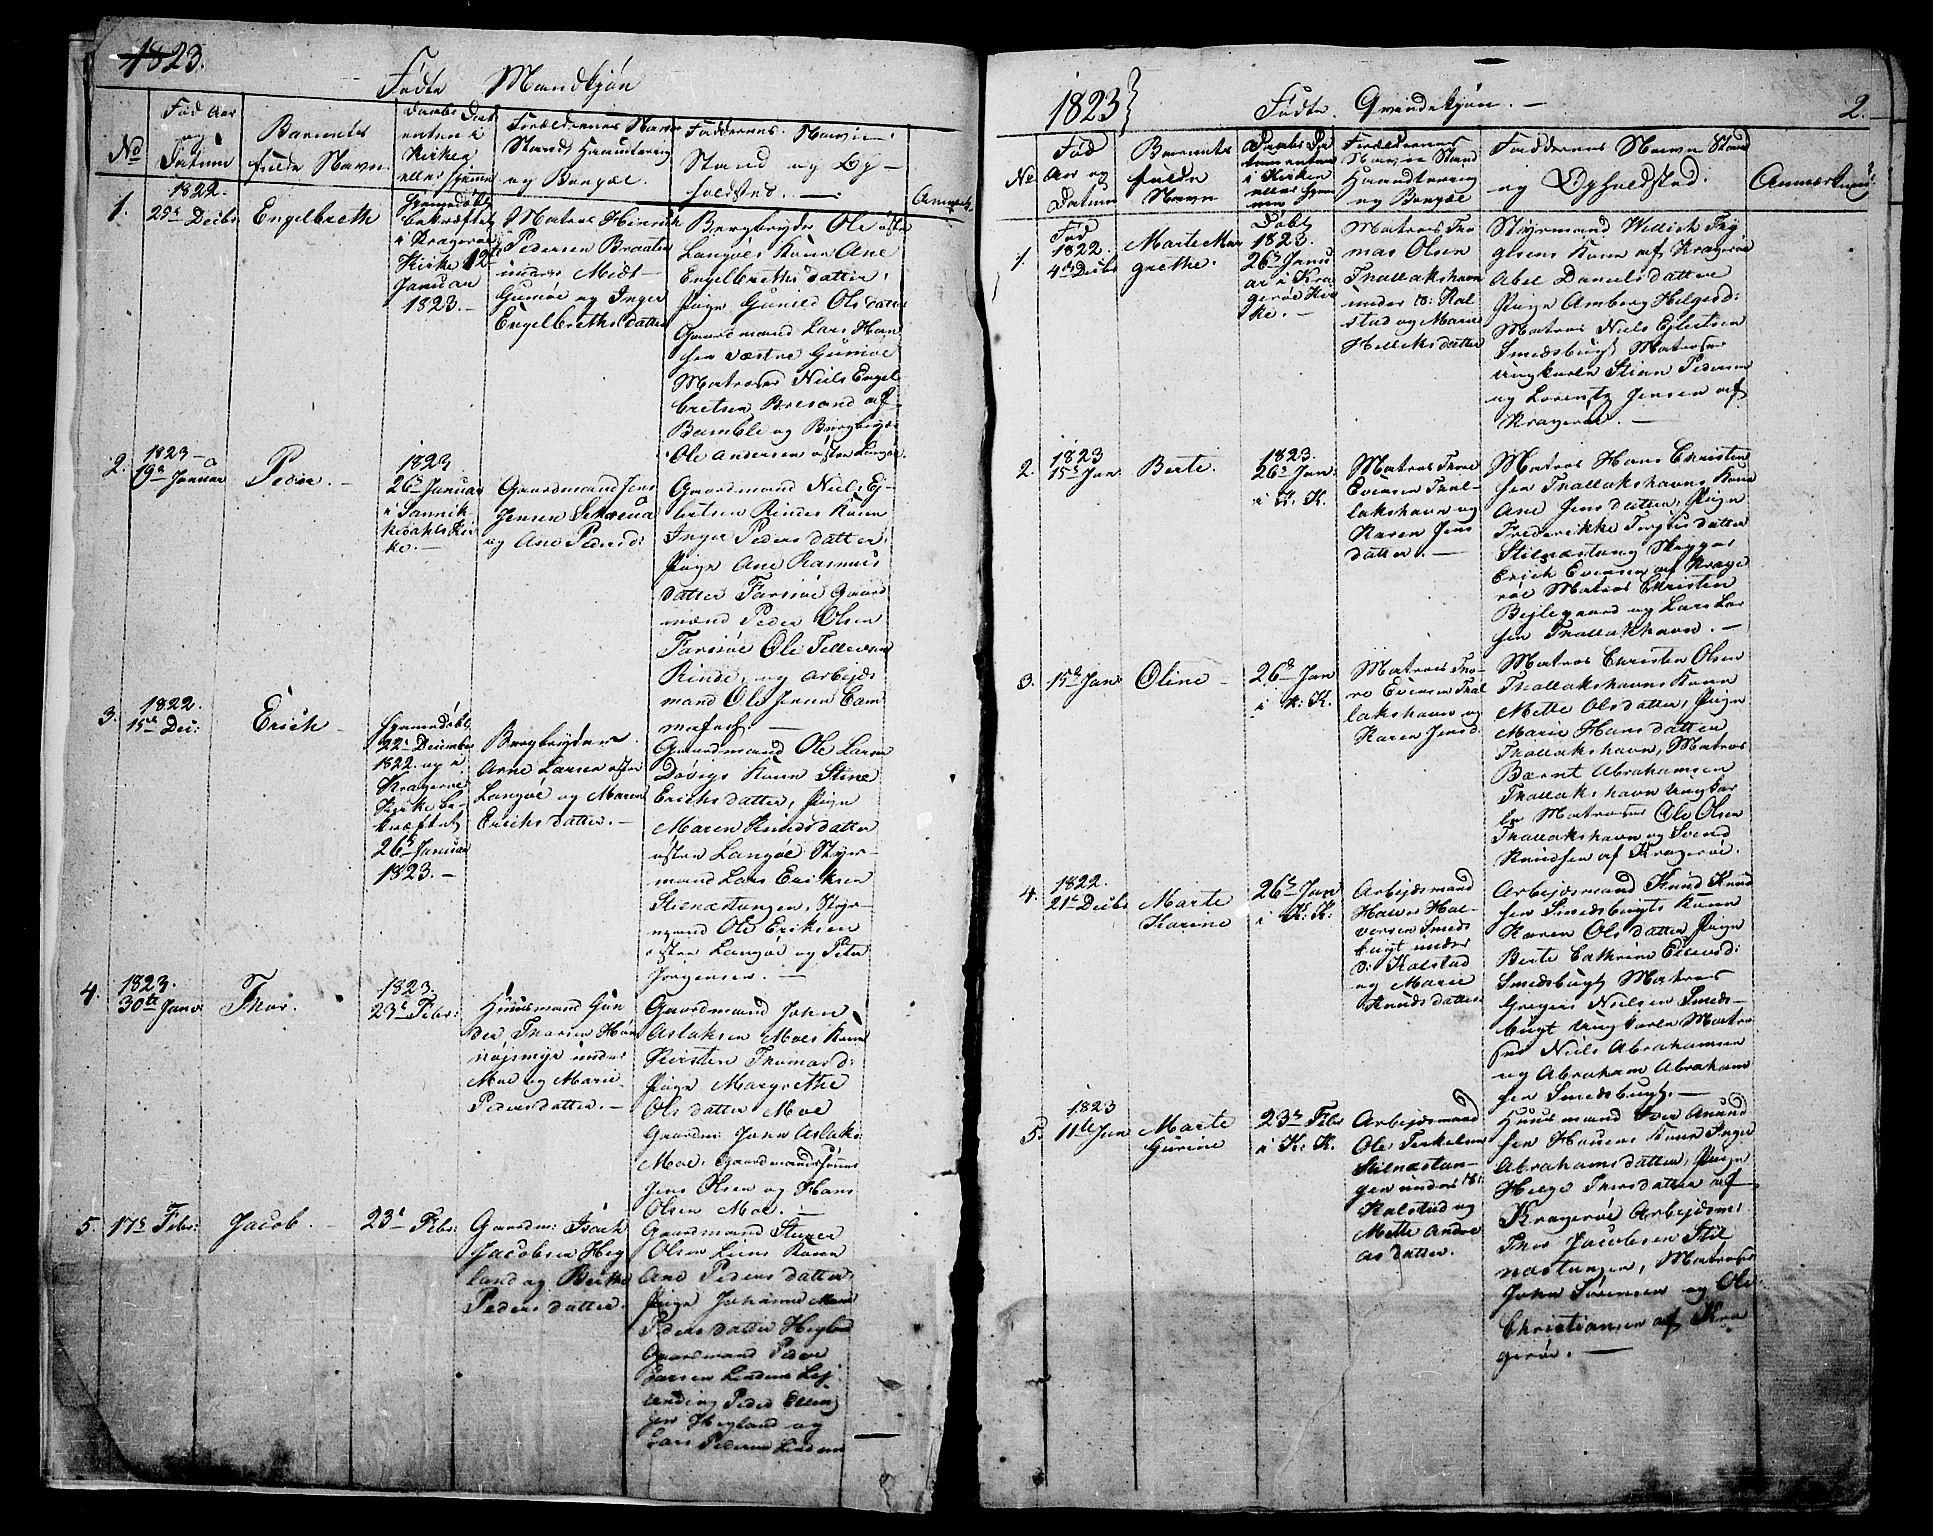 SAKO, Sannidal kirkebøker, F/Fa/L0005: Ministerialbok nr. 5, 1823-1830, s. 2